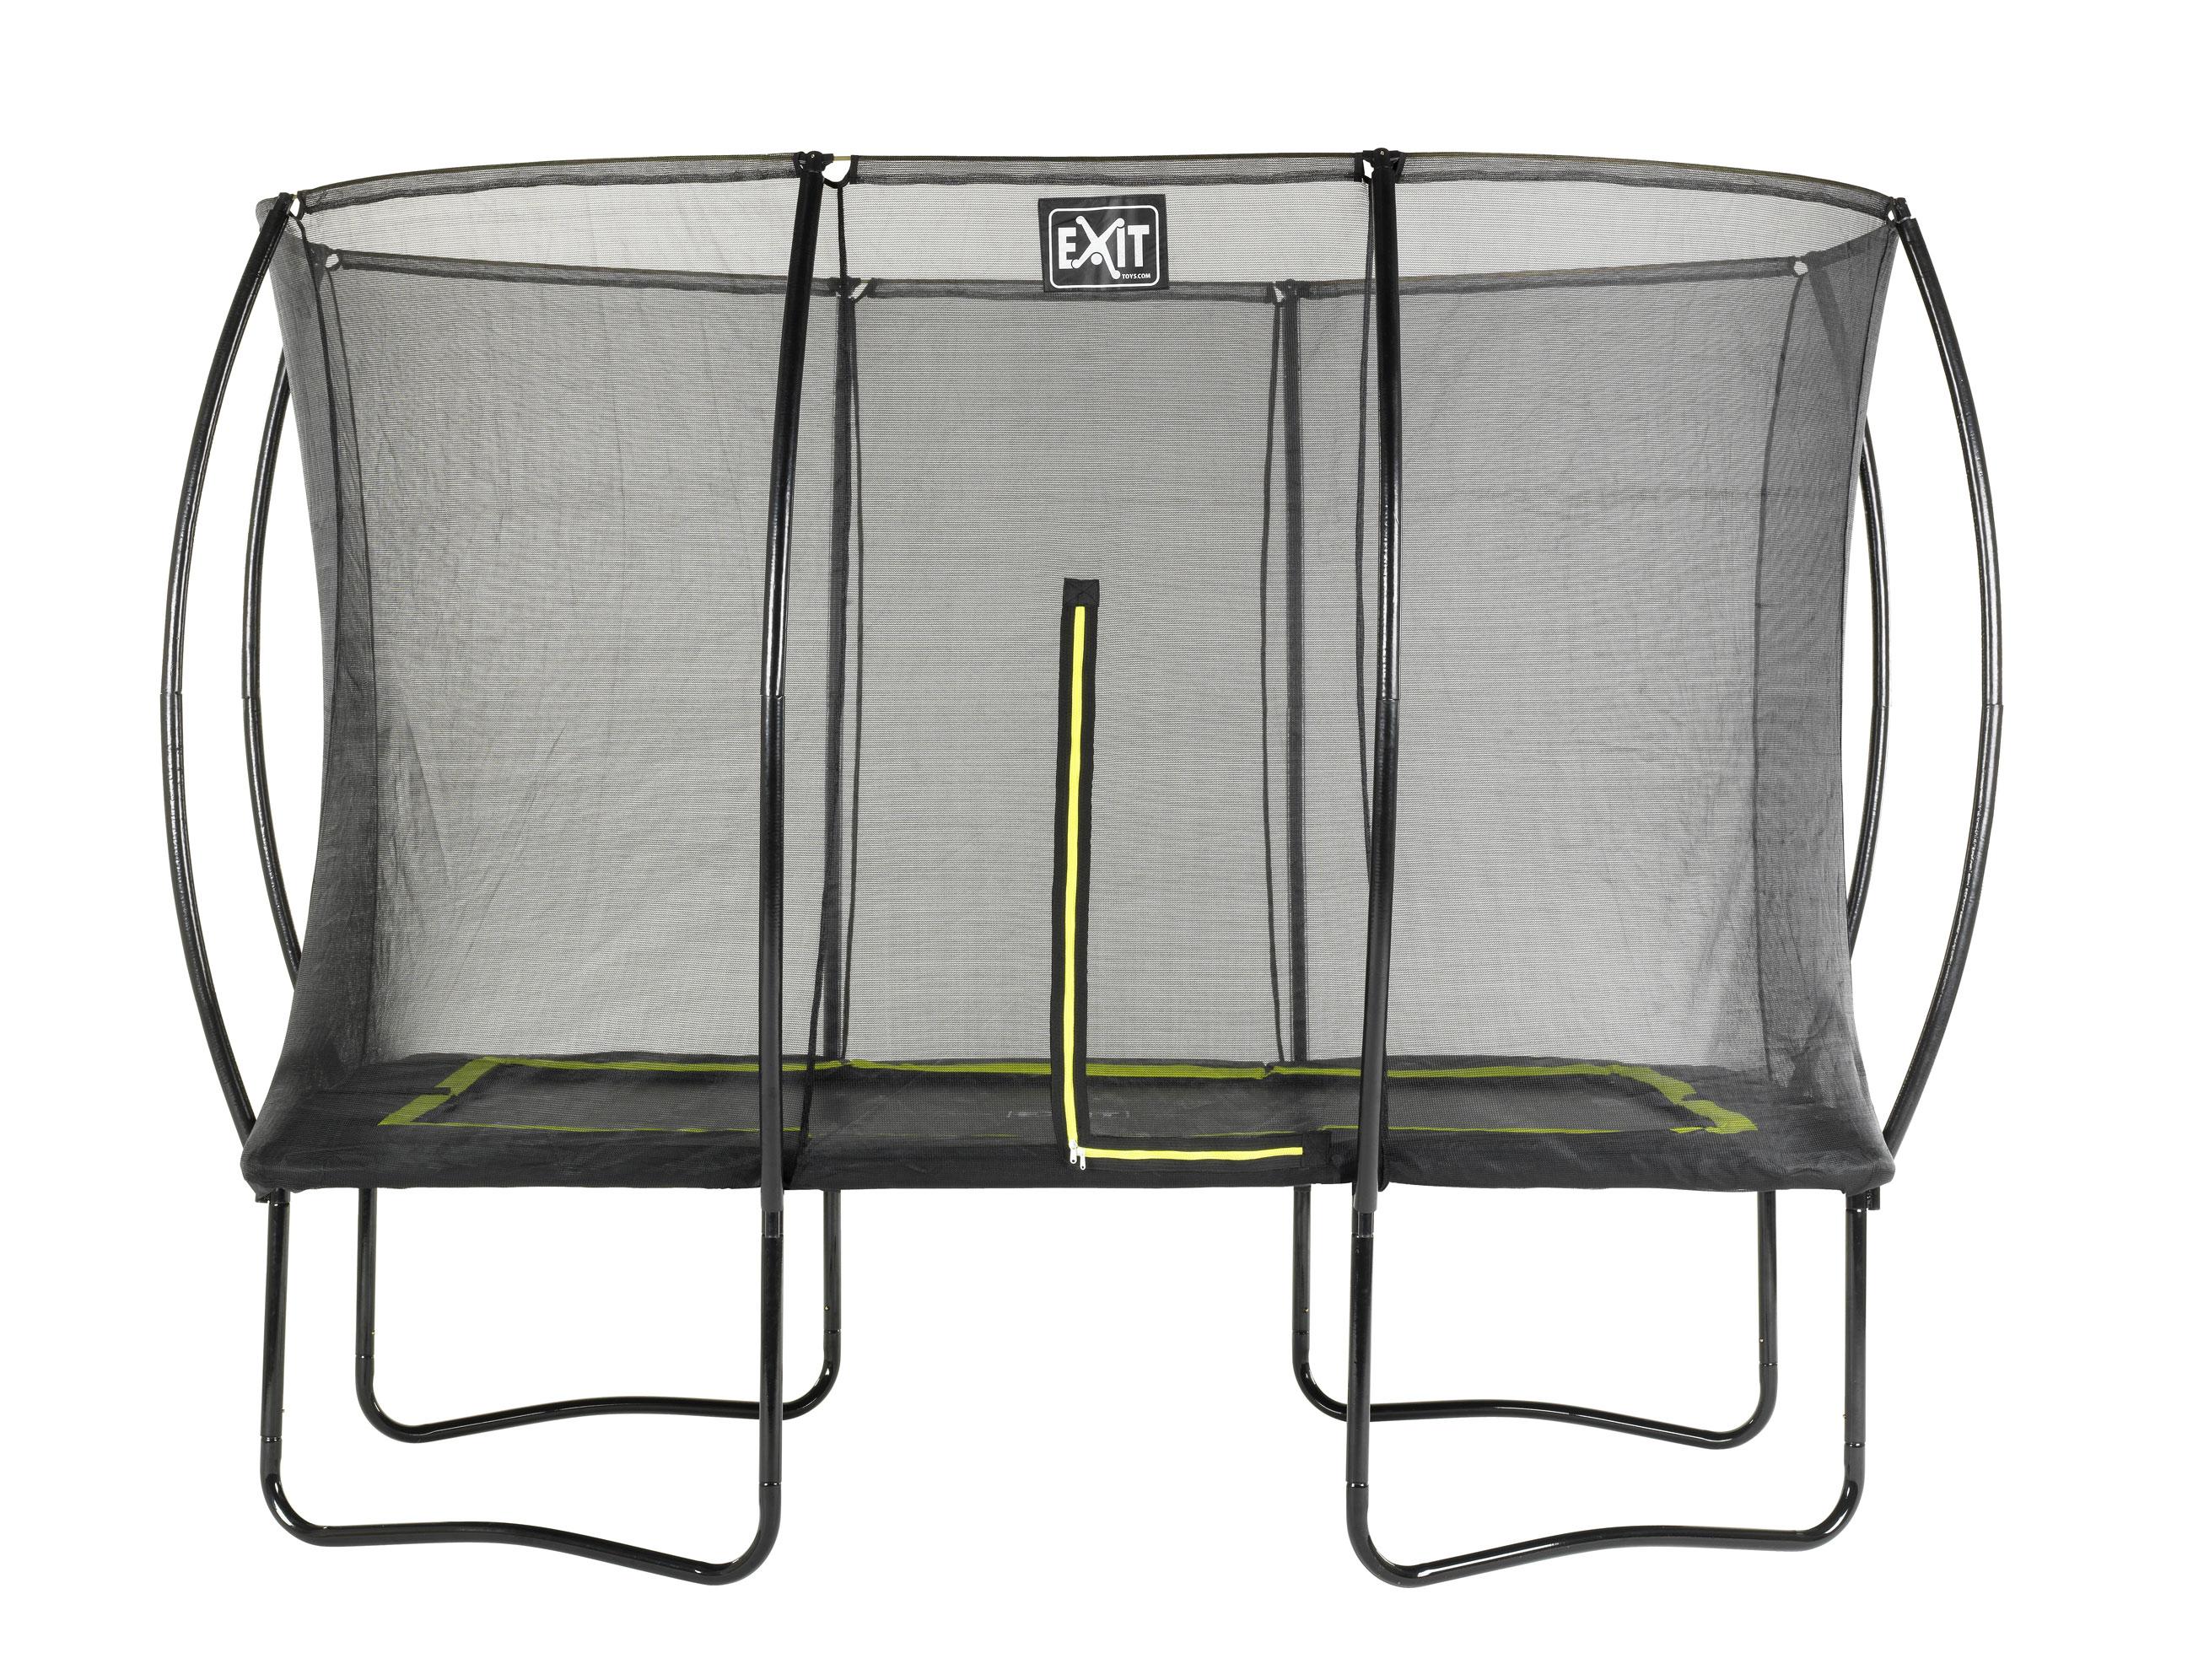 Trampolin EXIT Silhouette rechteckig + Sicherheitsnetz 214x305cm schw. Bild 1